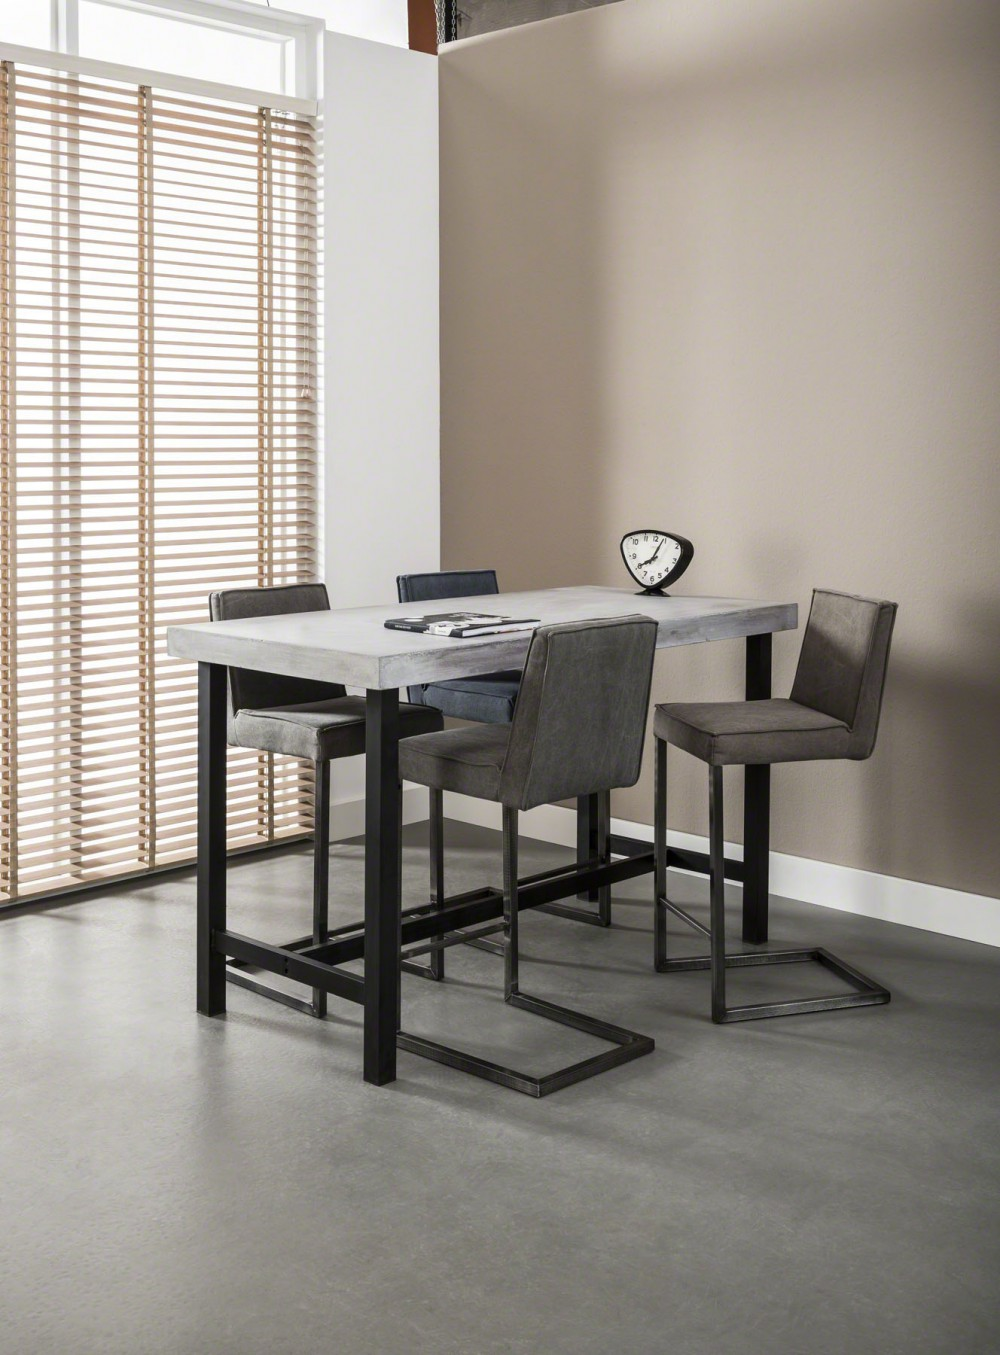 bartisch metall naturstein tischplatte bartisch grau. Black Bedroom Furniture Sets. Home Design Ideas